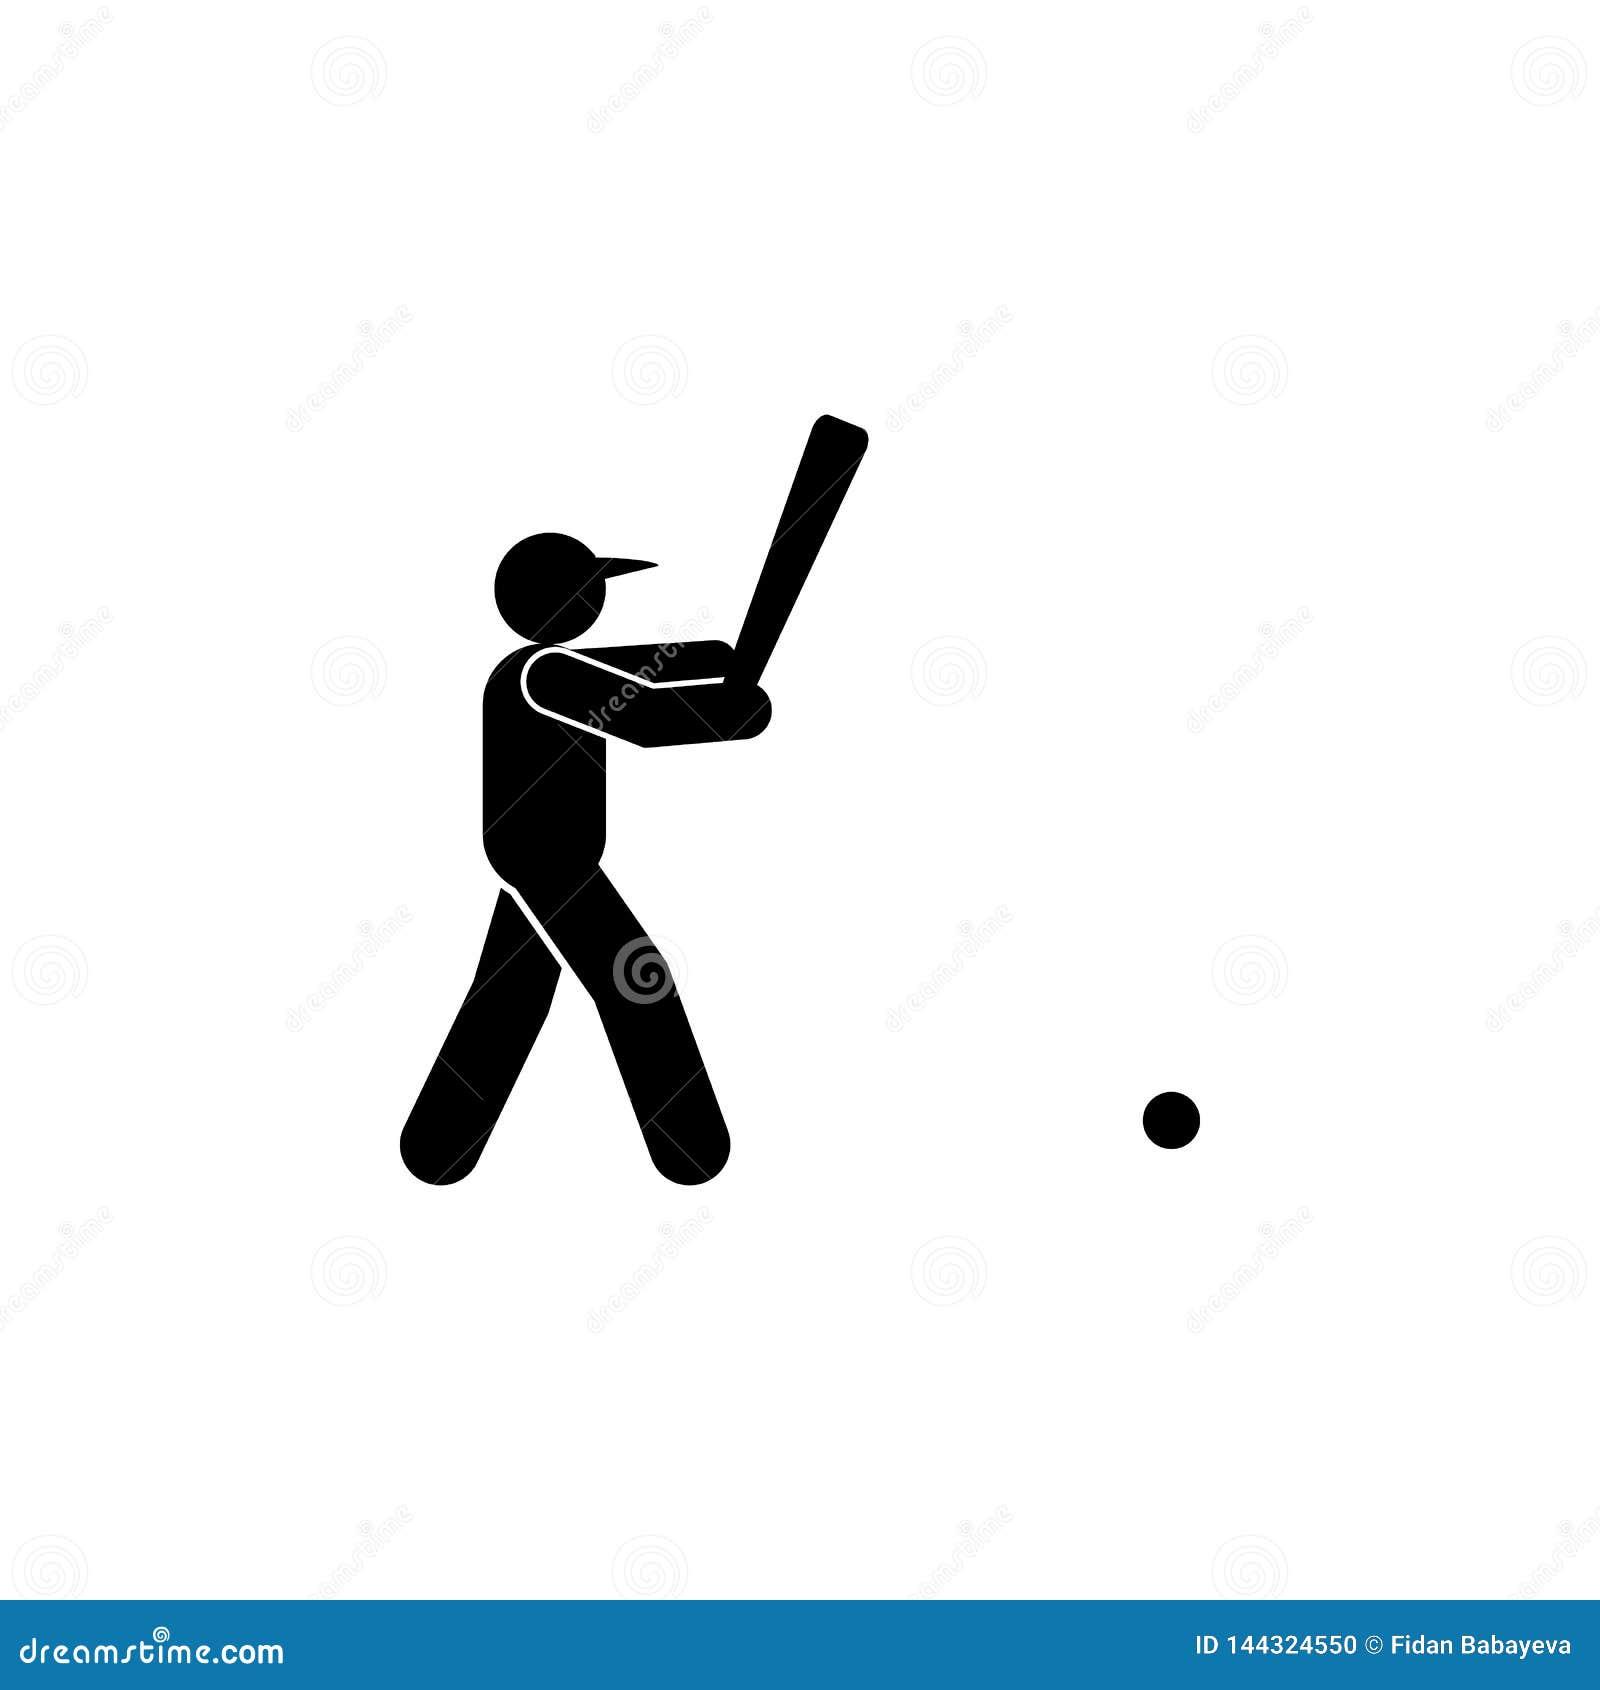 Icono del glyph del golpe del hombre del b?isbol Elemento del icono del ejemplo del deporte del b?isbol r